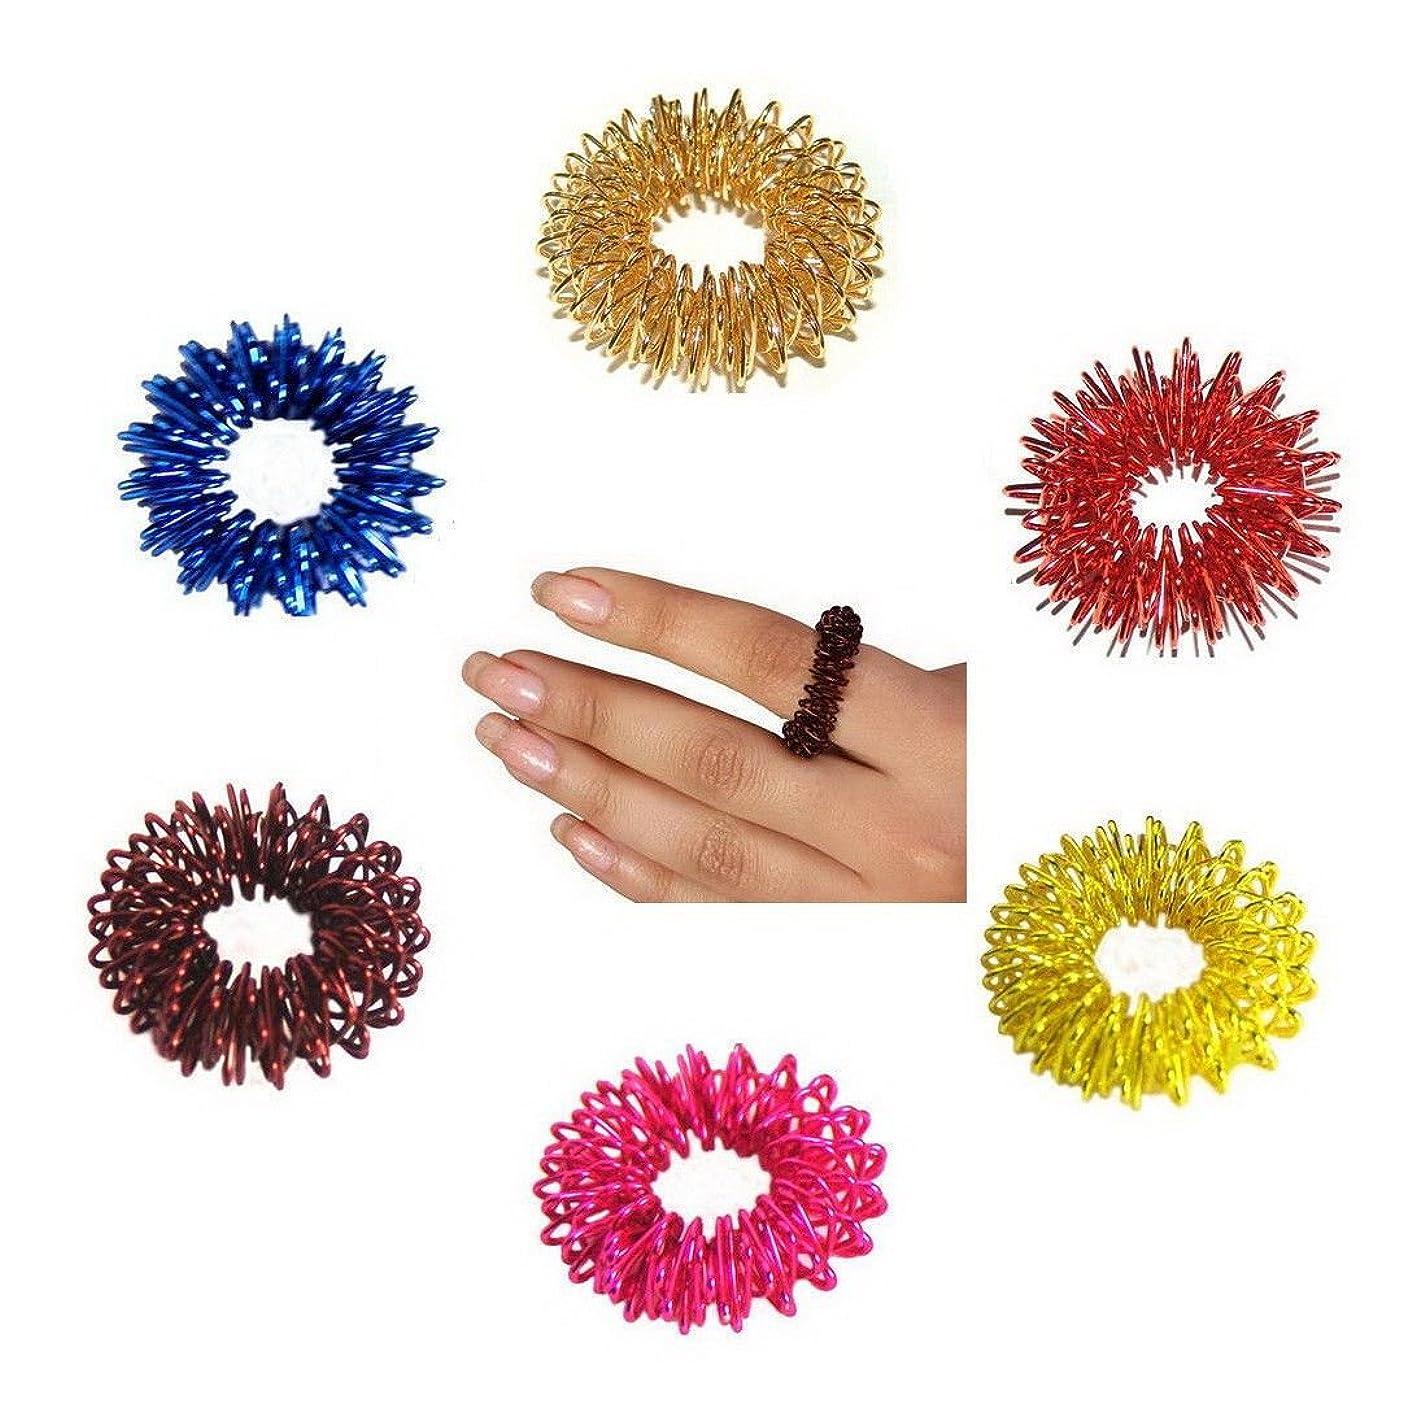 ピアニストお金ゴムスクリーチBuycrafty 10 Pcs Acupressure Rings Massage Ring Massager relaxology, BEST High Density Deep Tissue Acupressure